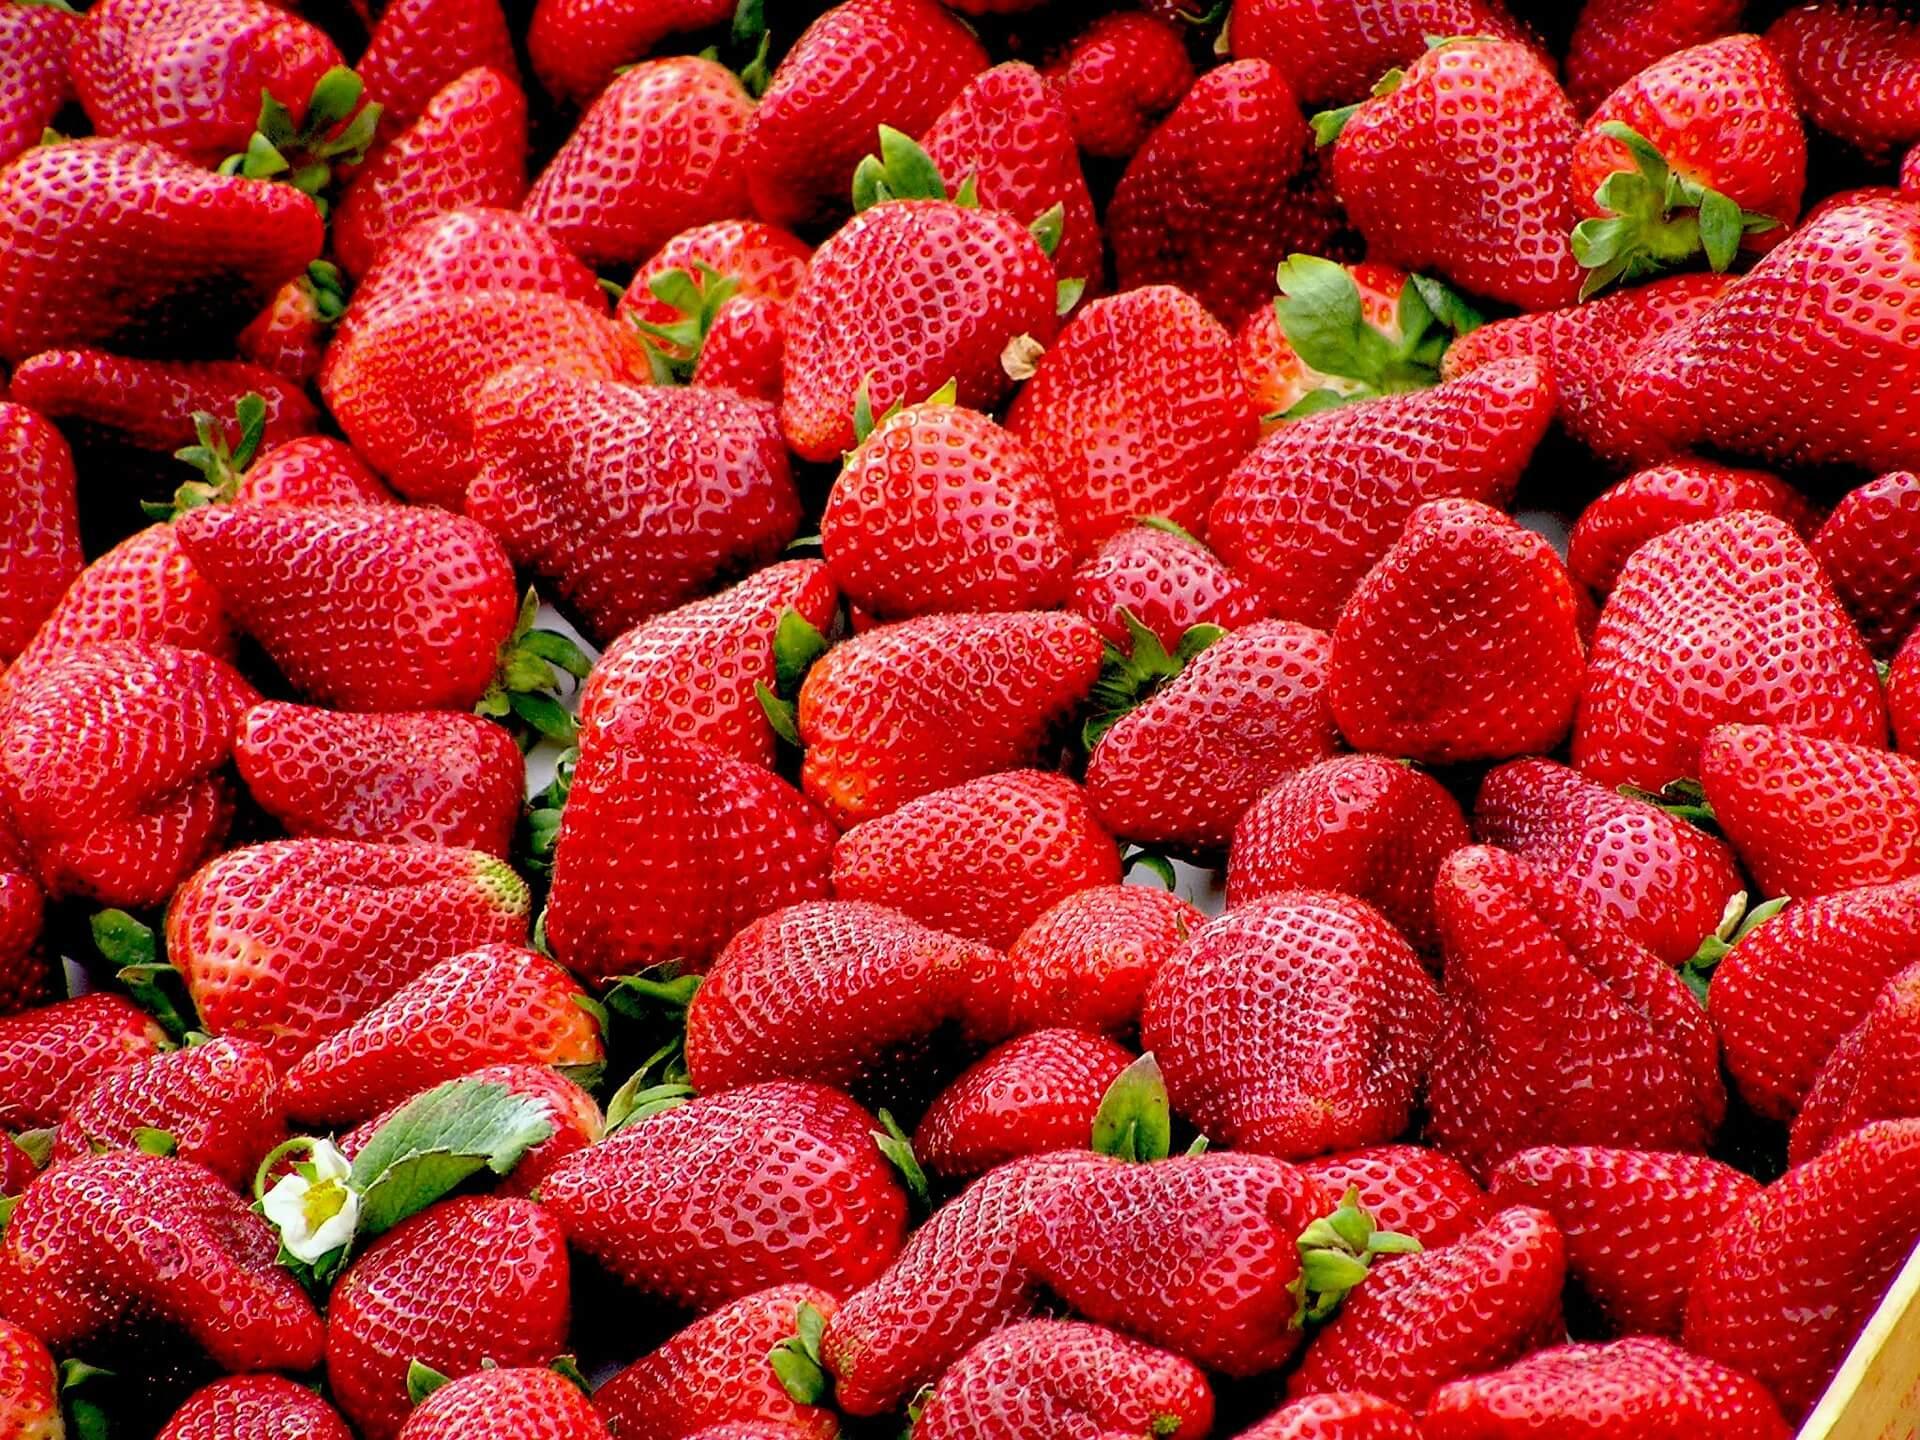 Fruitbedrijf Van den Berge: aardbeien 6